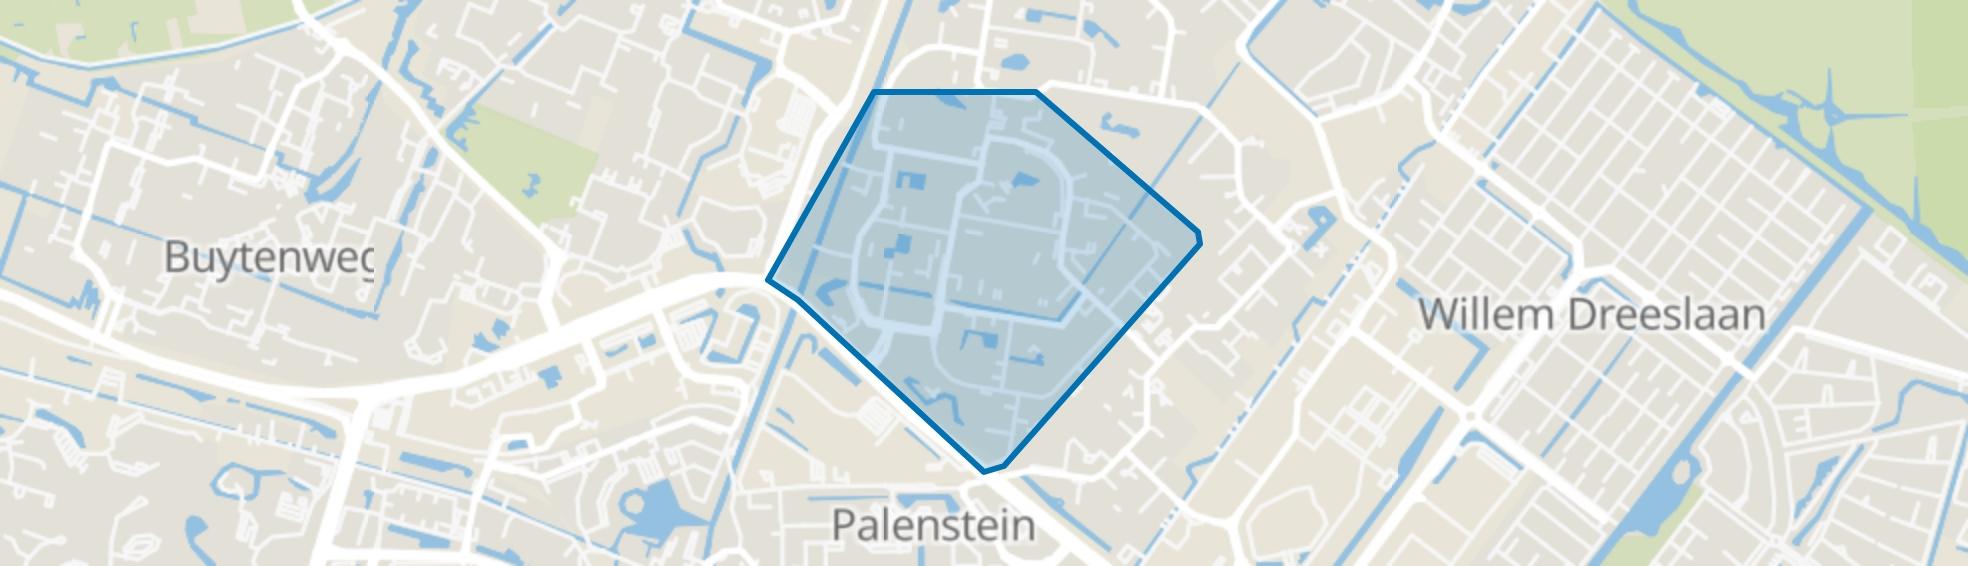 Seghwaert-Zuid-West, Zoetermeer map